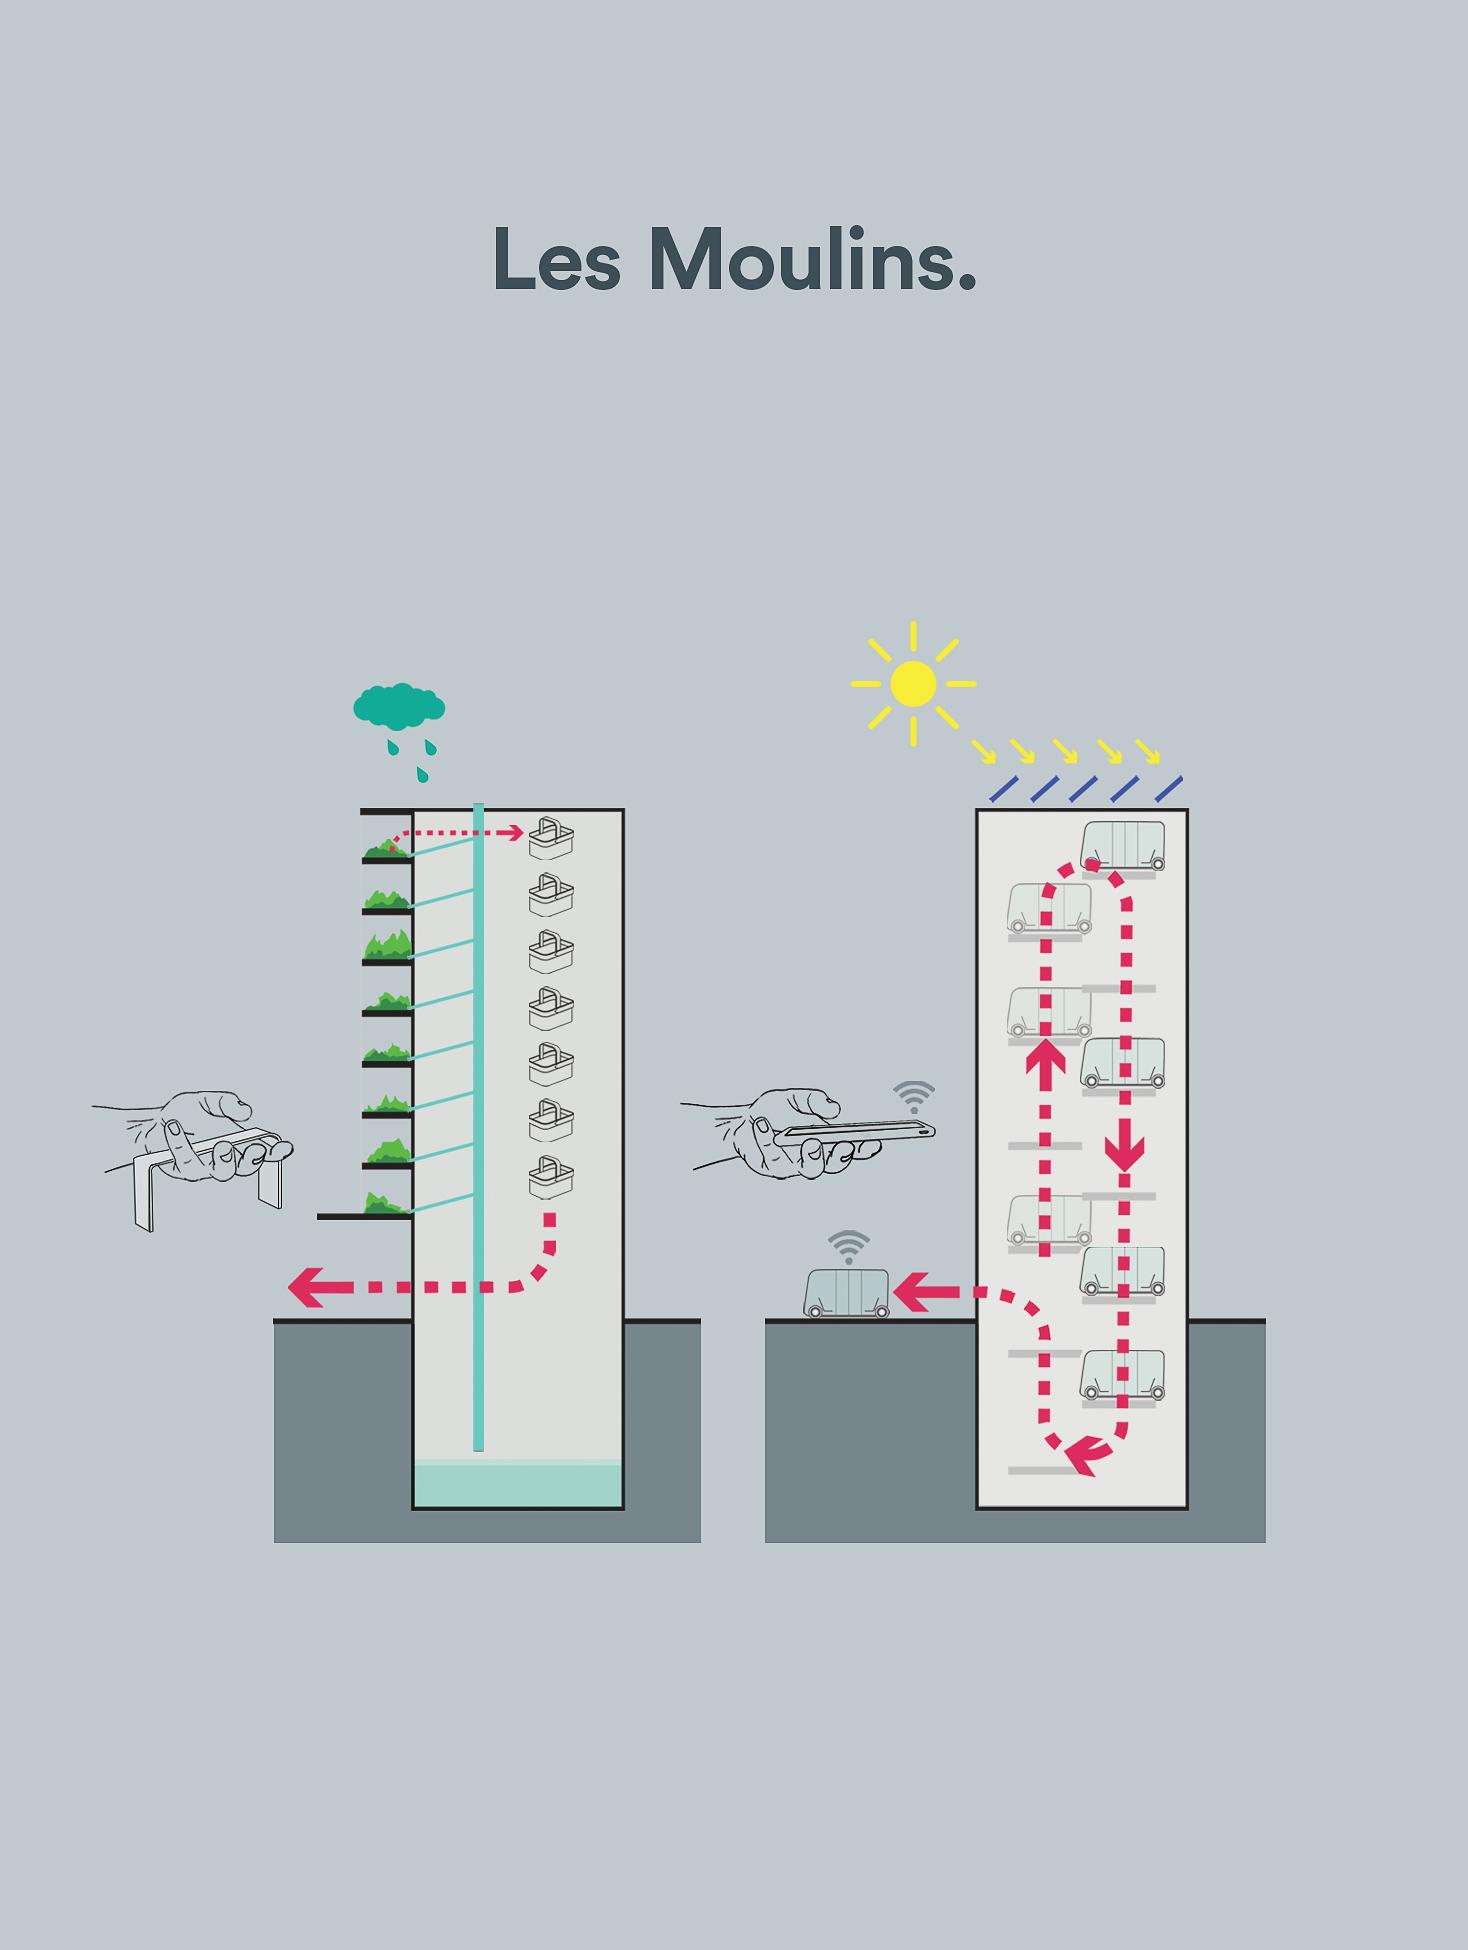 morphopolis, transit, montréal, concours, collectif escargo, cano, architecture de paysage, design urbain, transport, moulins, éoles